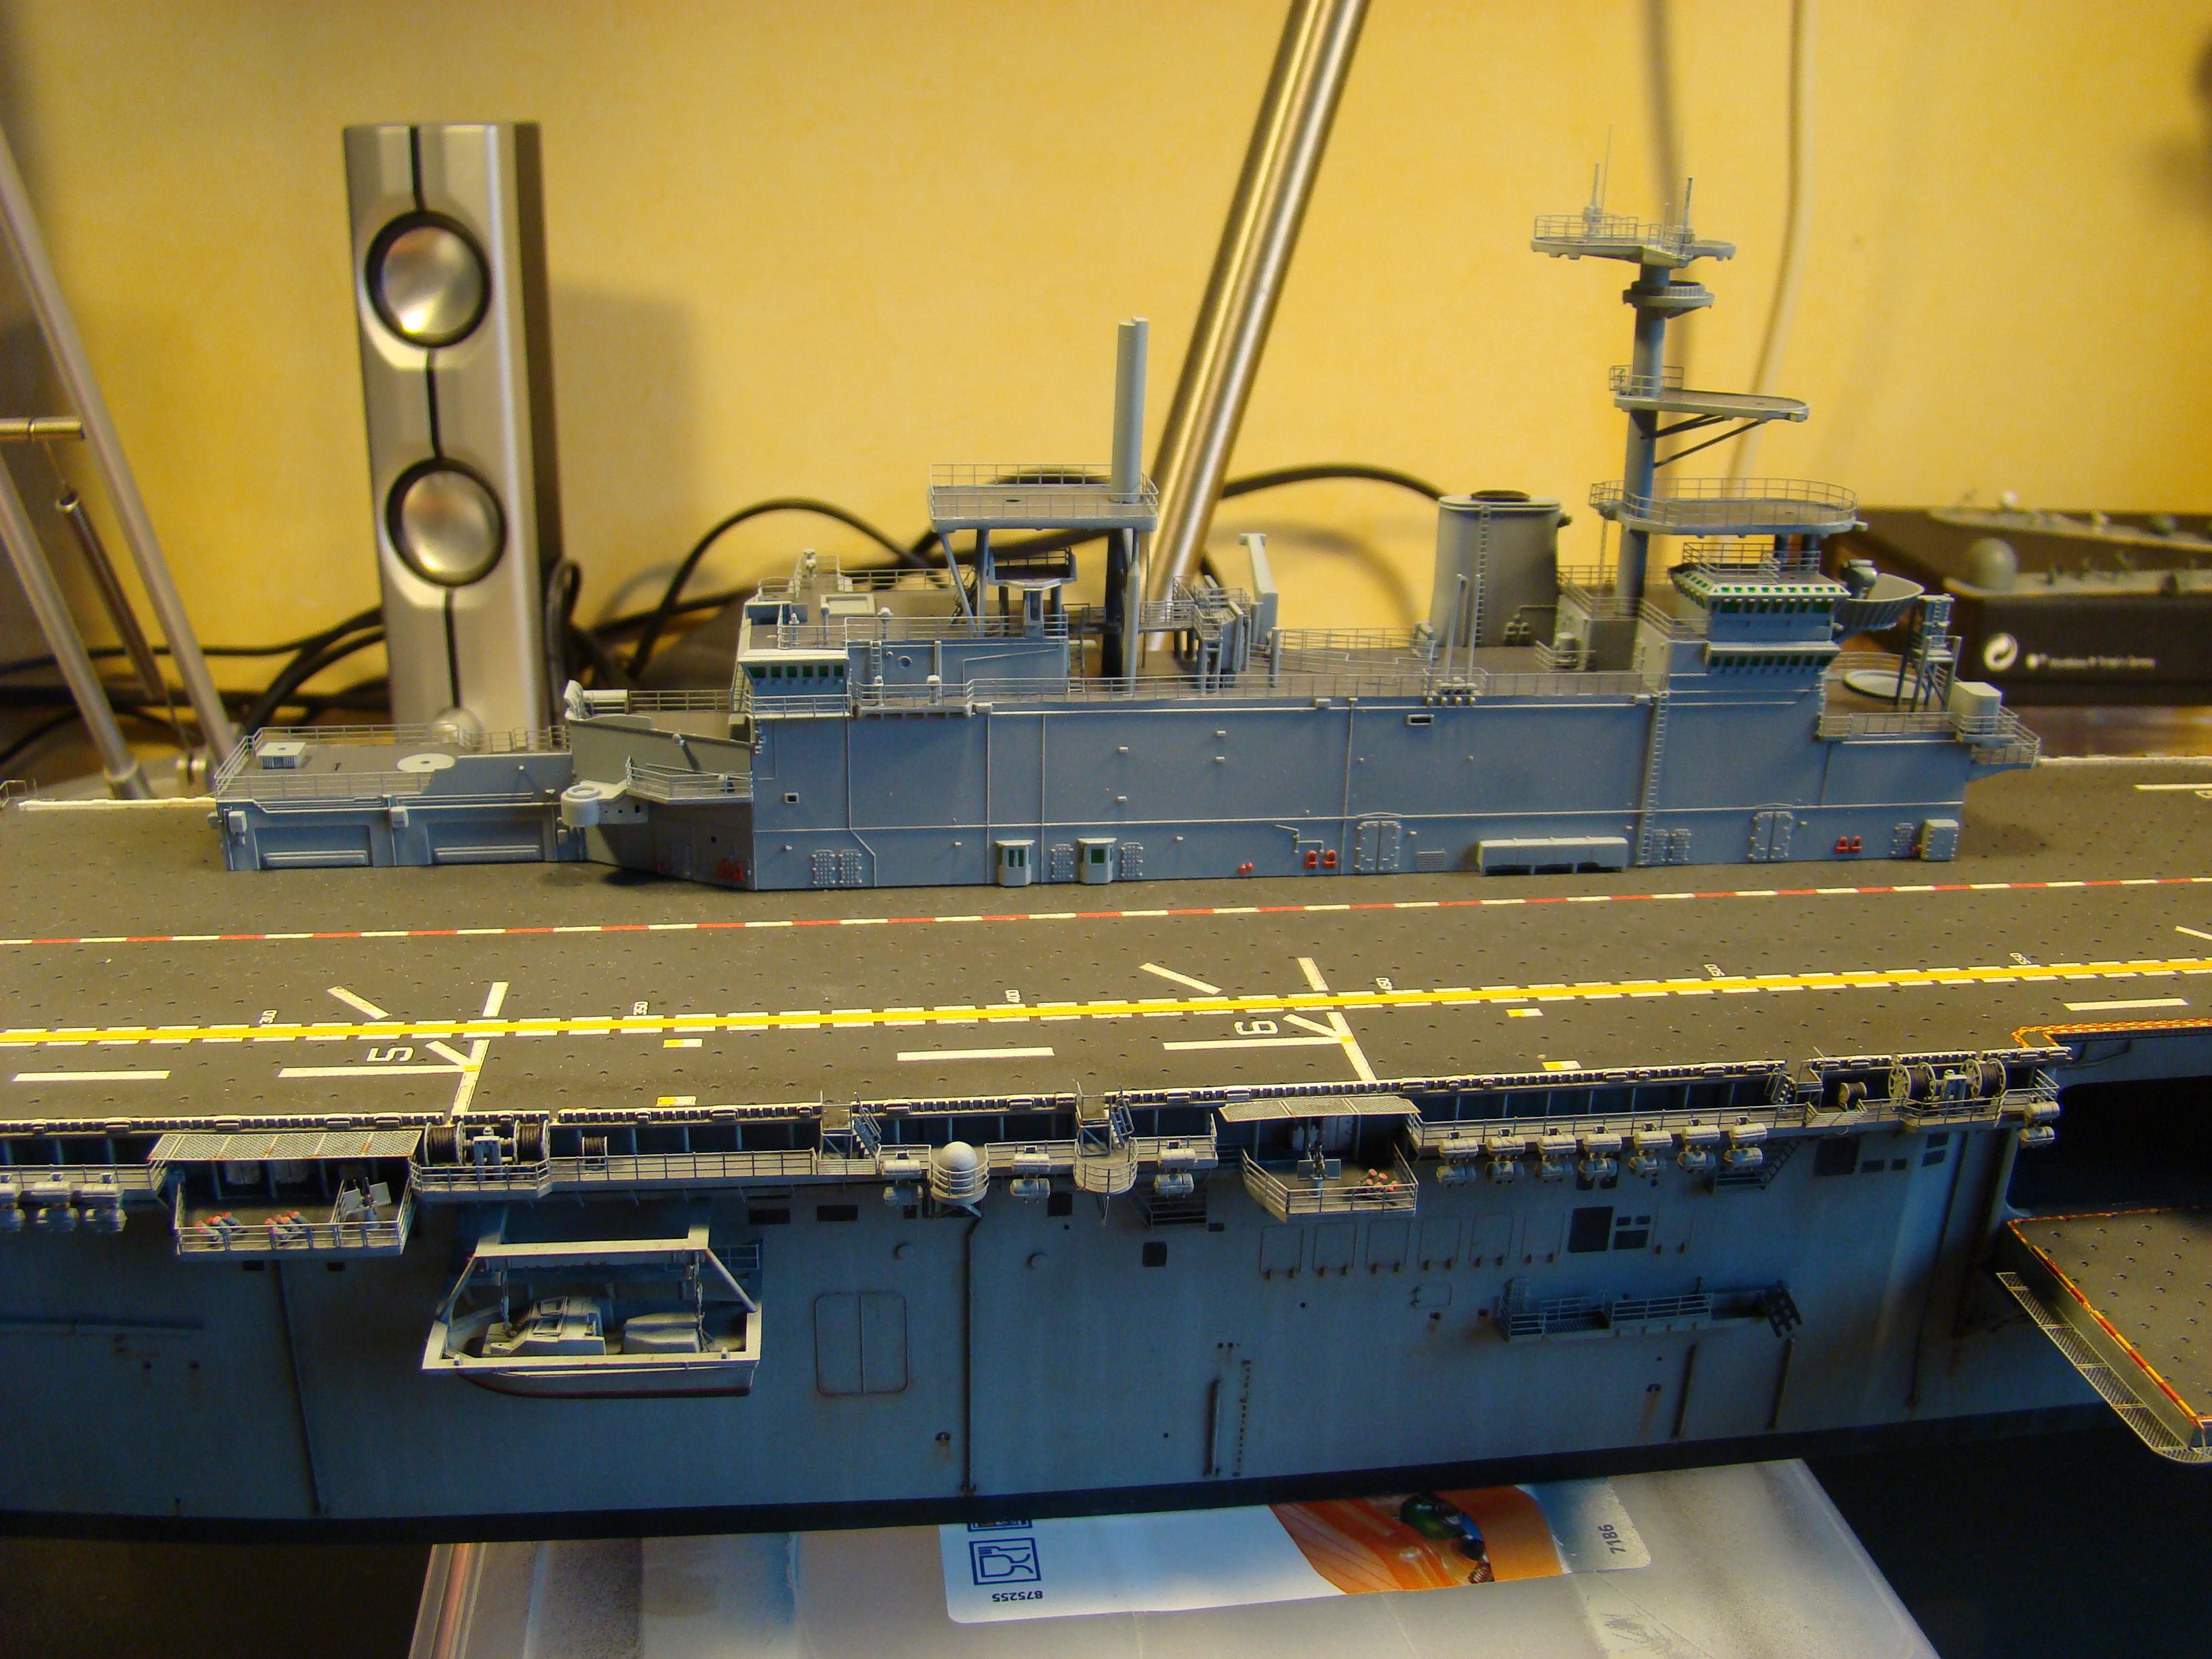 USS WASP LHD-1 au 1/350ème - Page 3 Dsc09109i